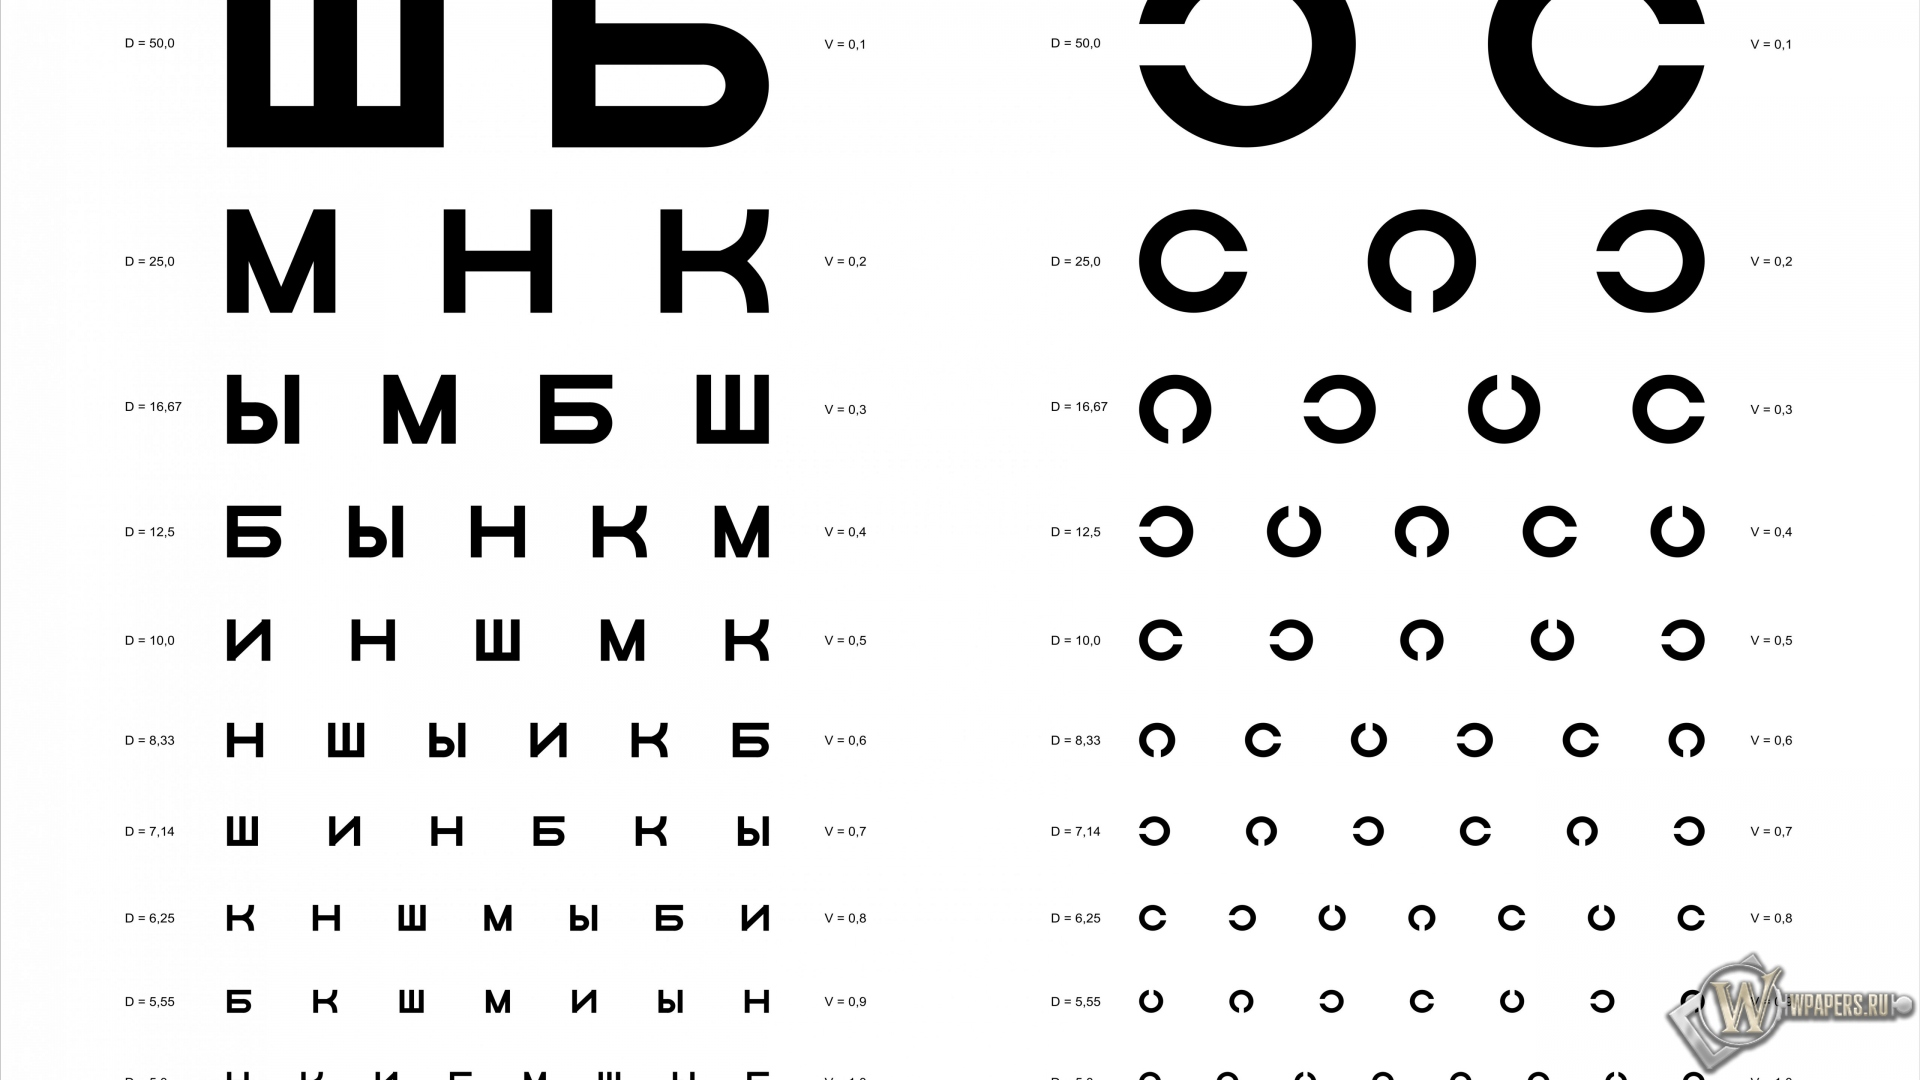 Таблица Д.А. Сивцева для проверки зрения 1920x1080